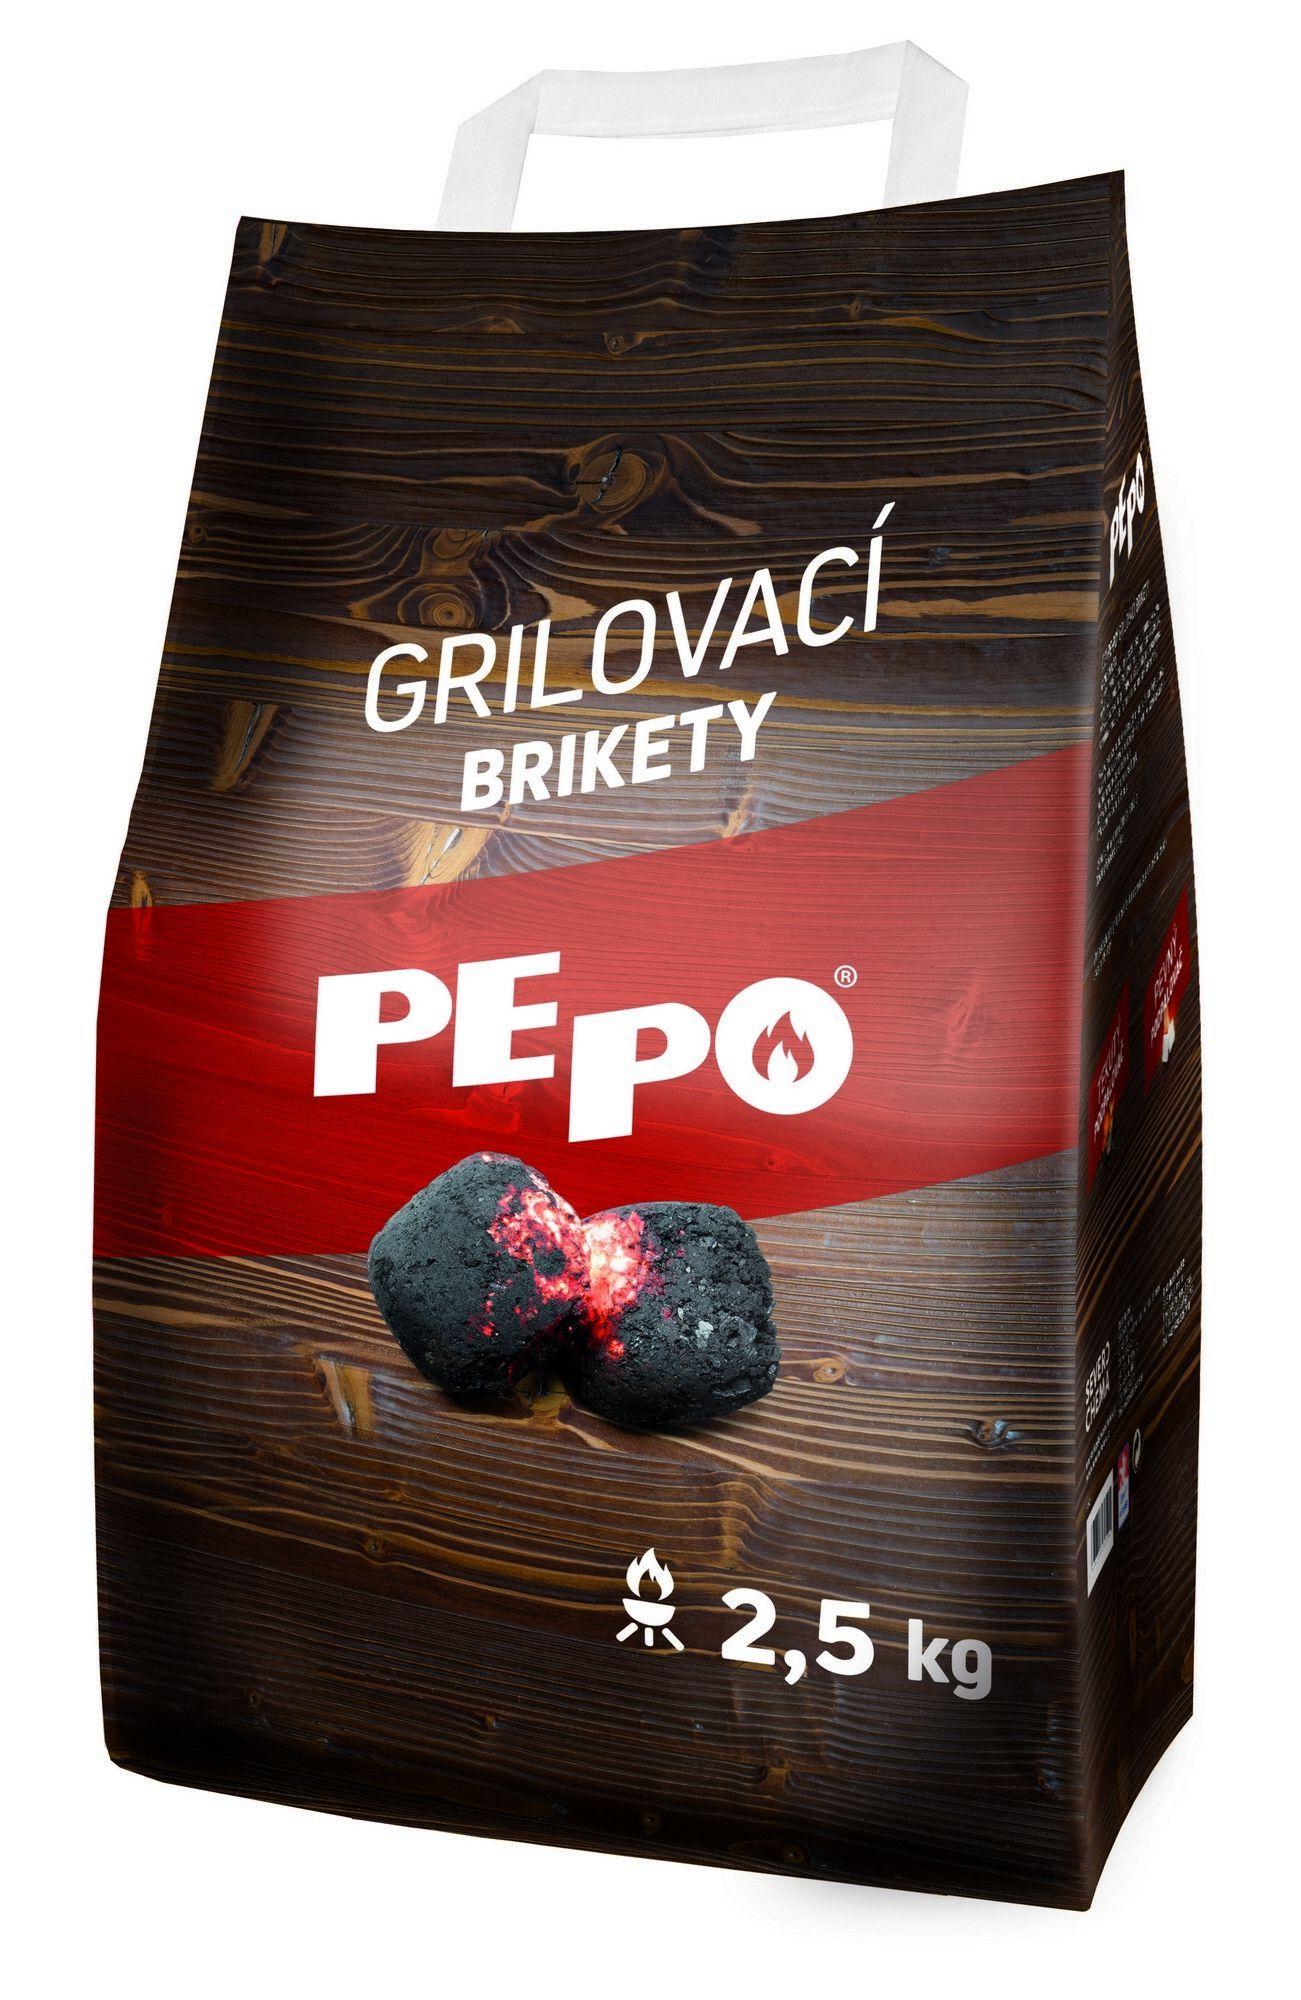 PE-PO grilovací brikety 2,5 kg